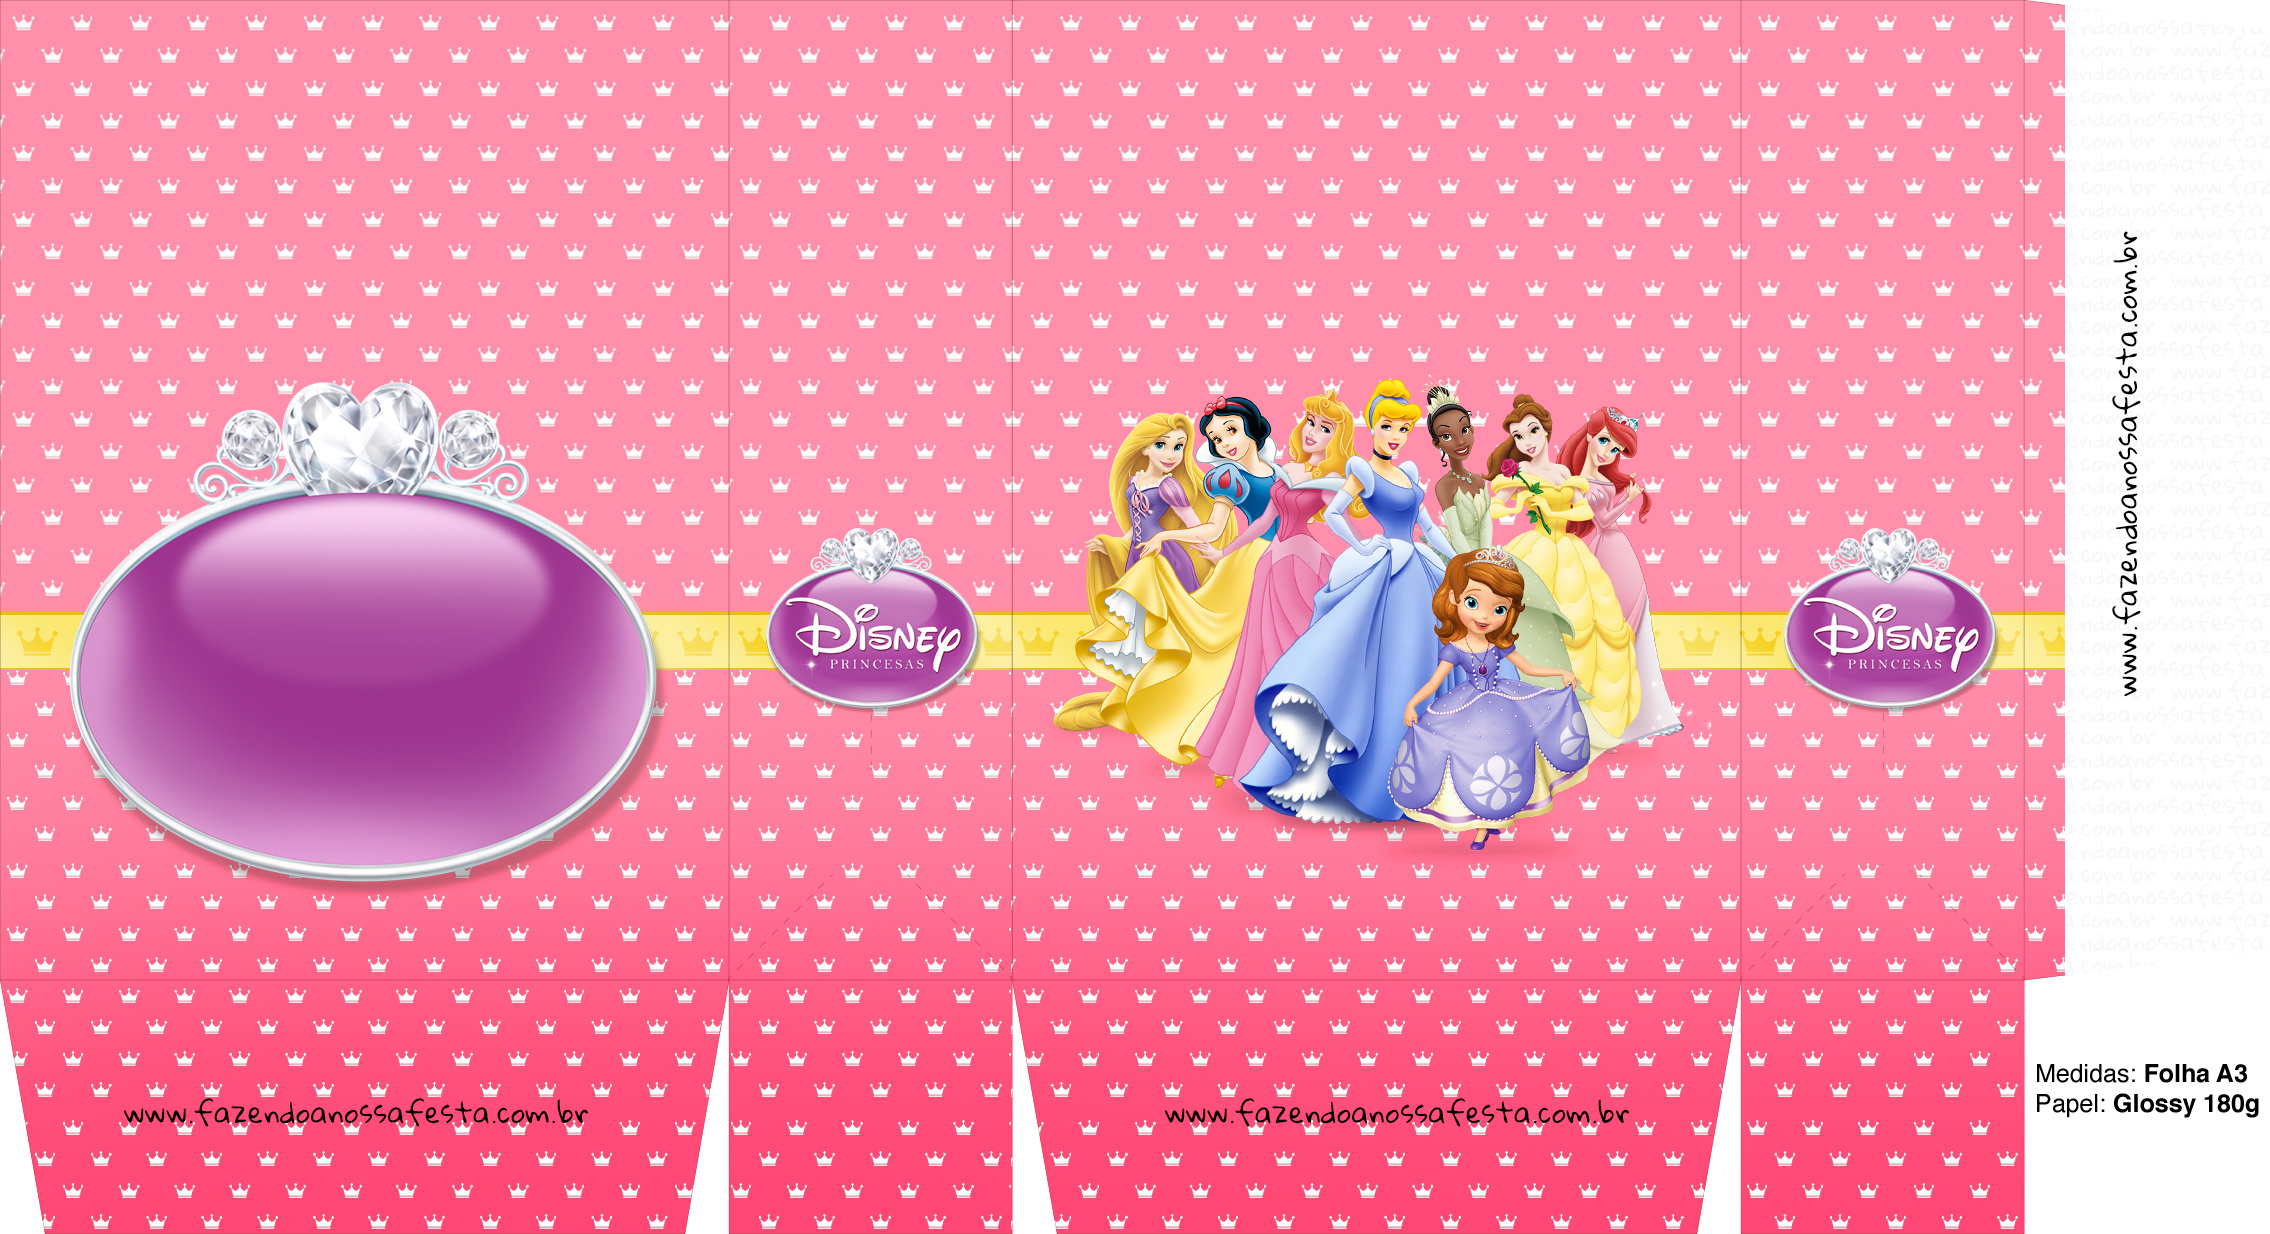 Sacolinhas Princesas Disney A3